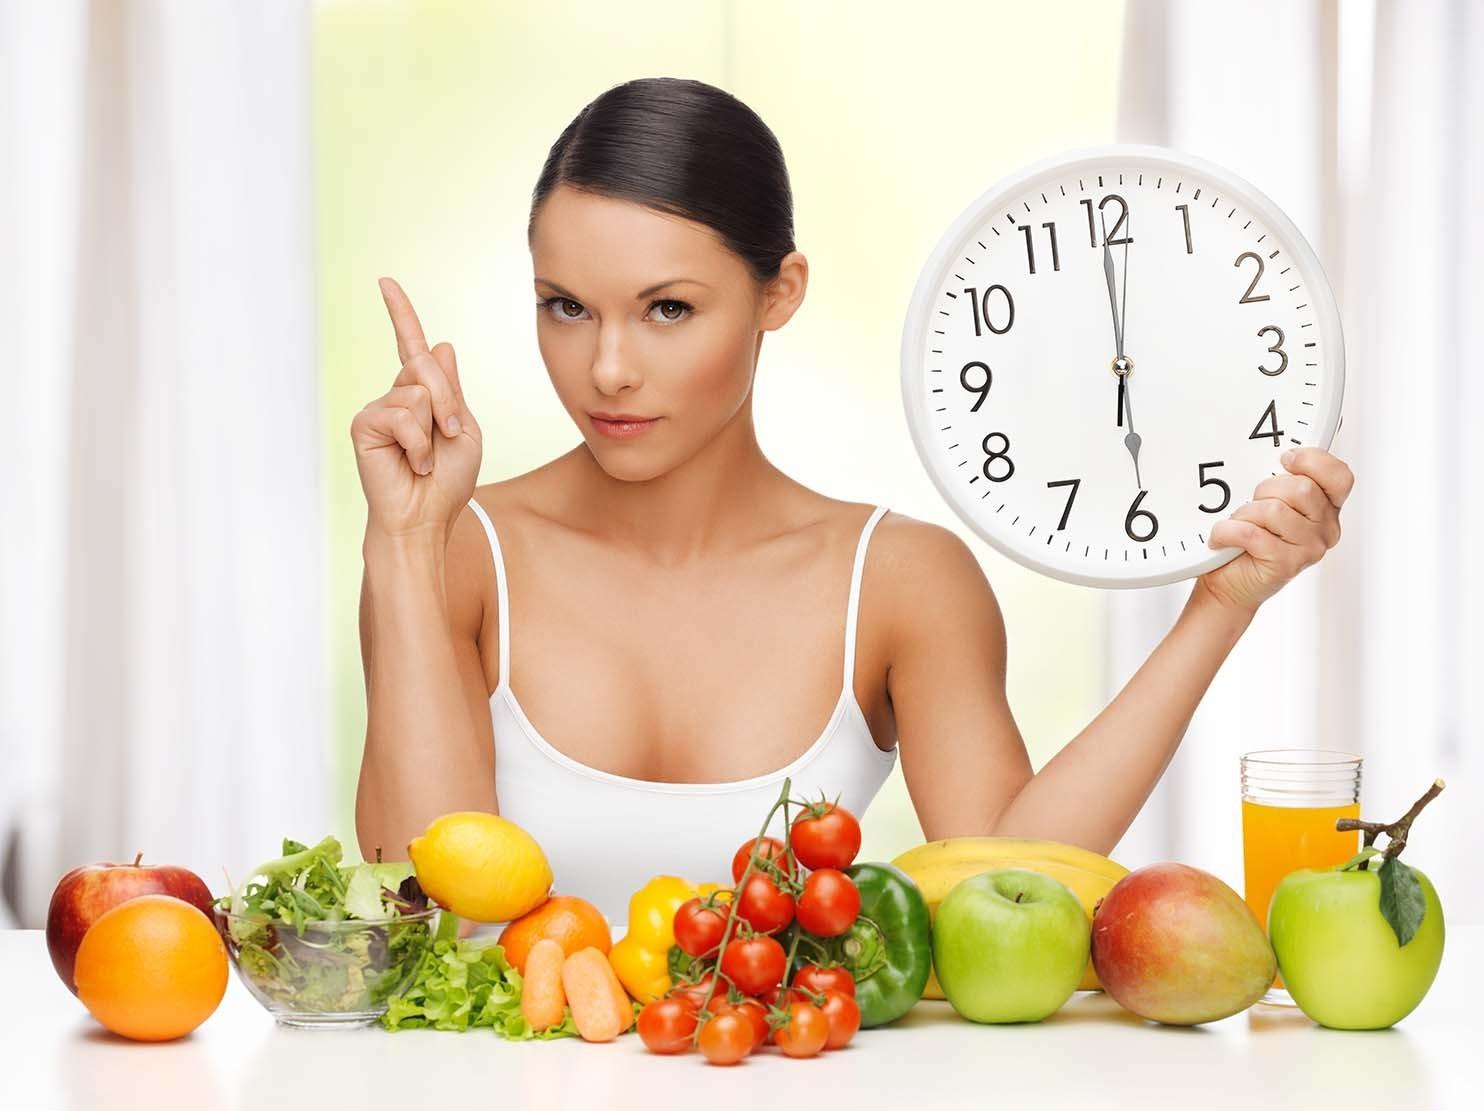 Диета Похудение Без Диет. Как быстро похудеть без диет в домашних условиях: шанс есть!